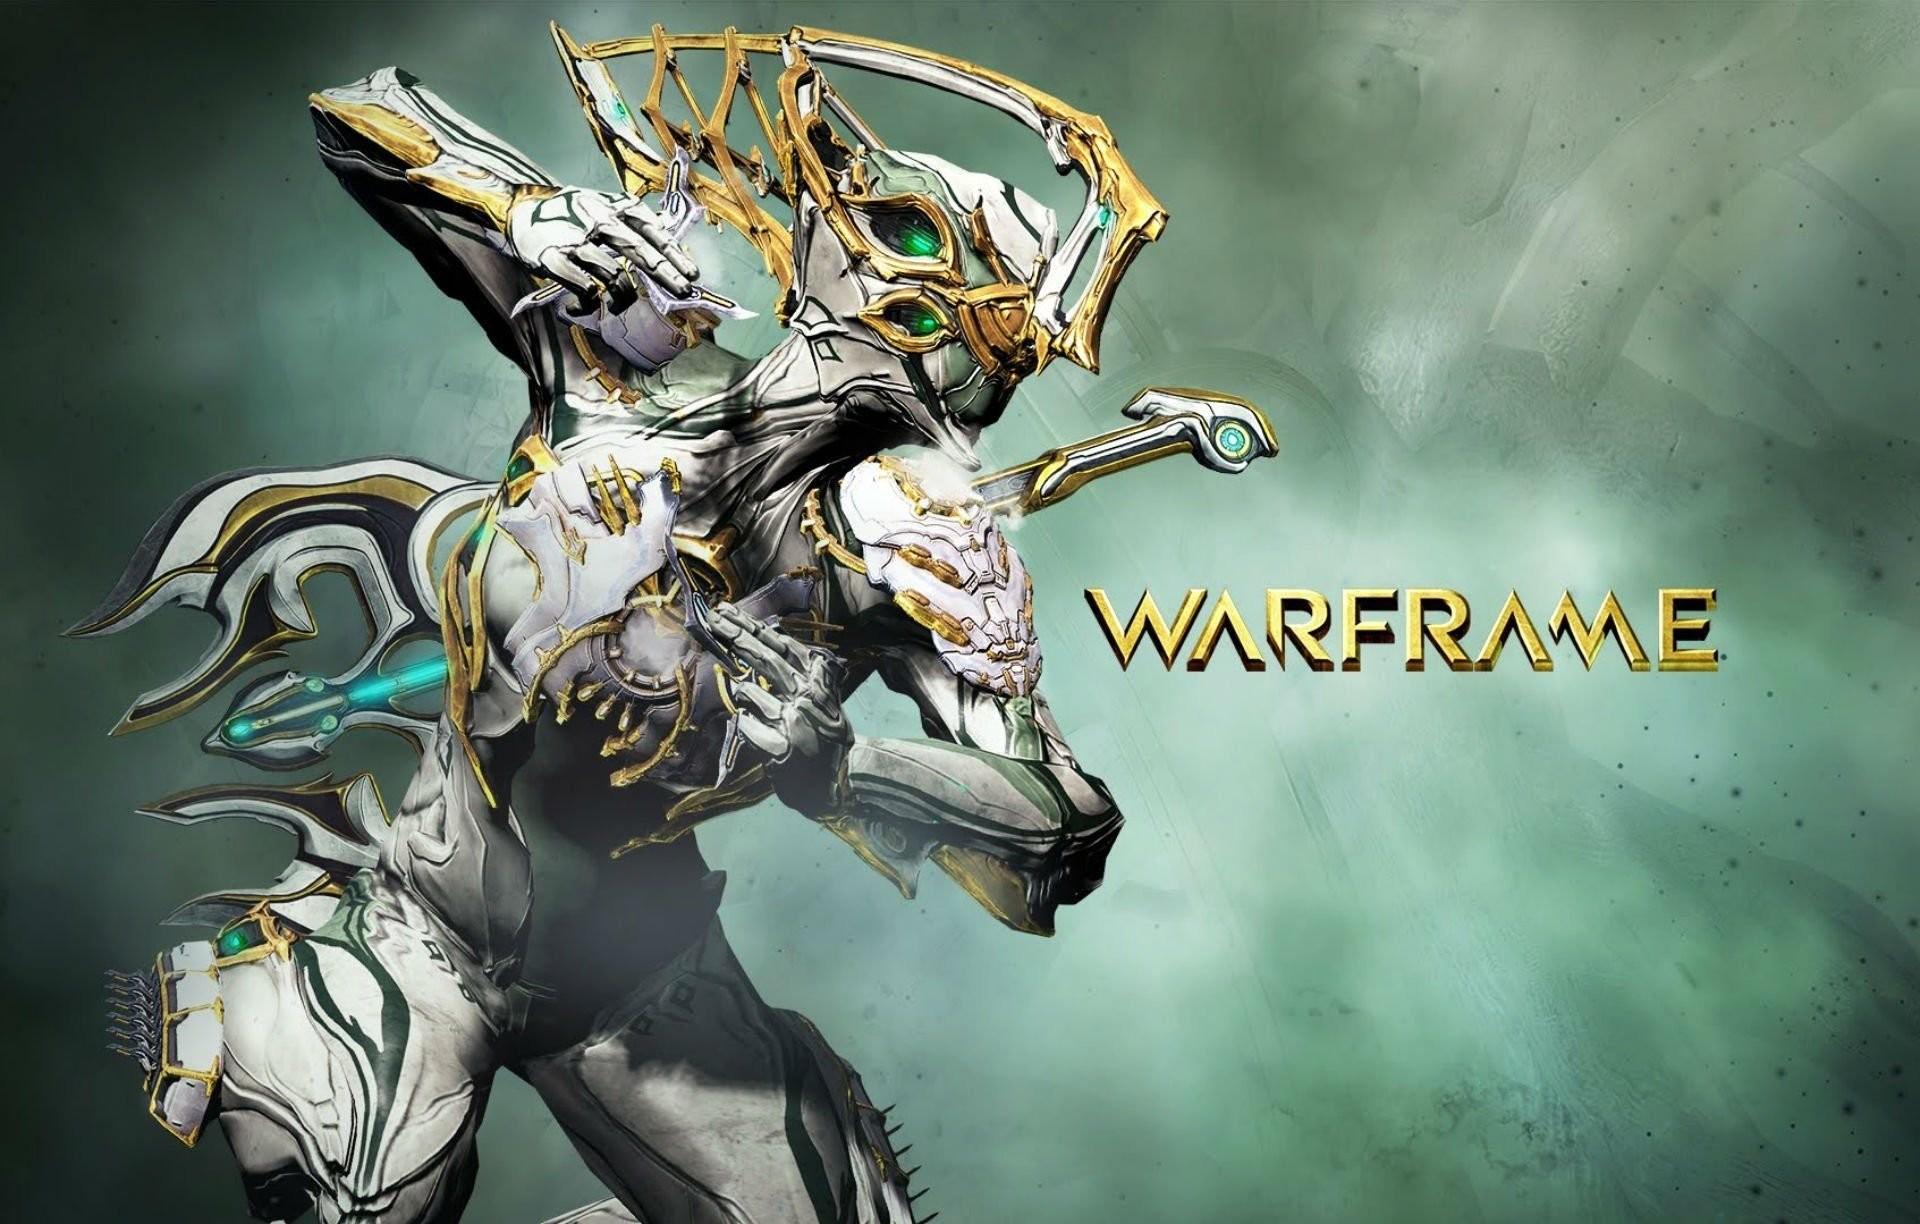 Video Game – Warframe Wallpaper